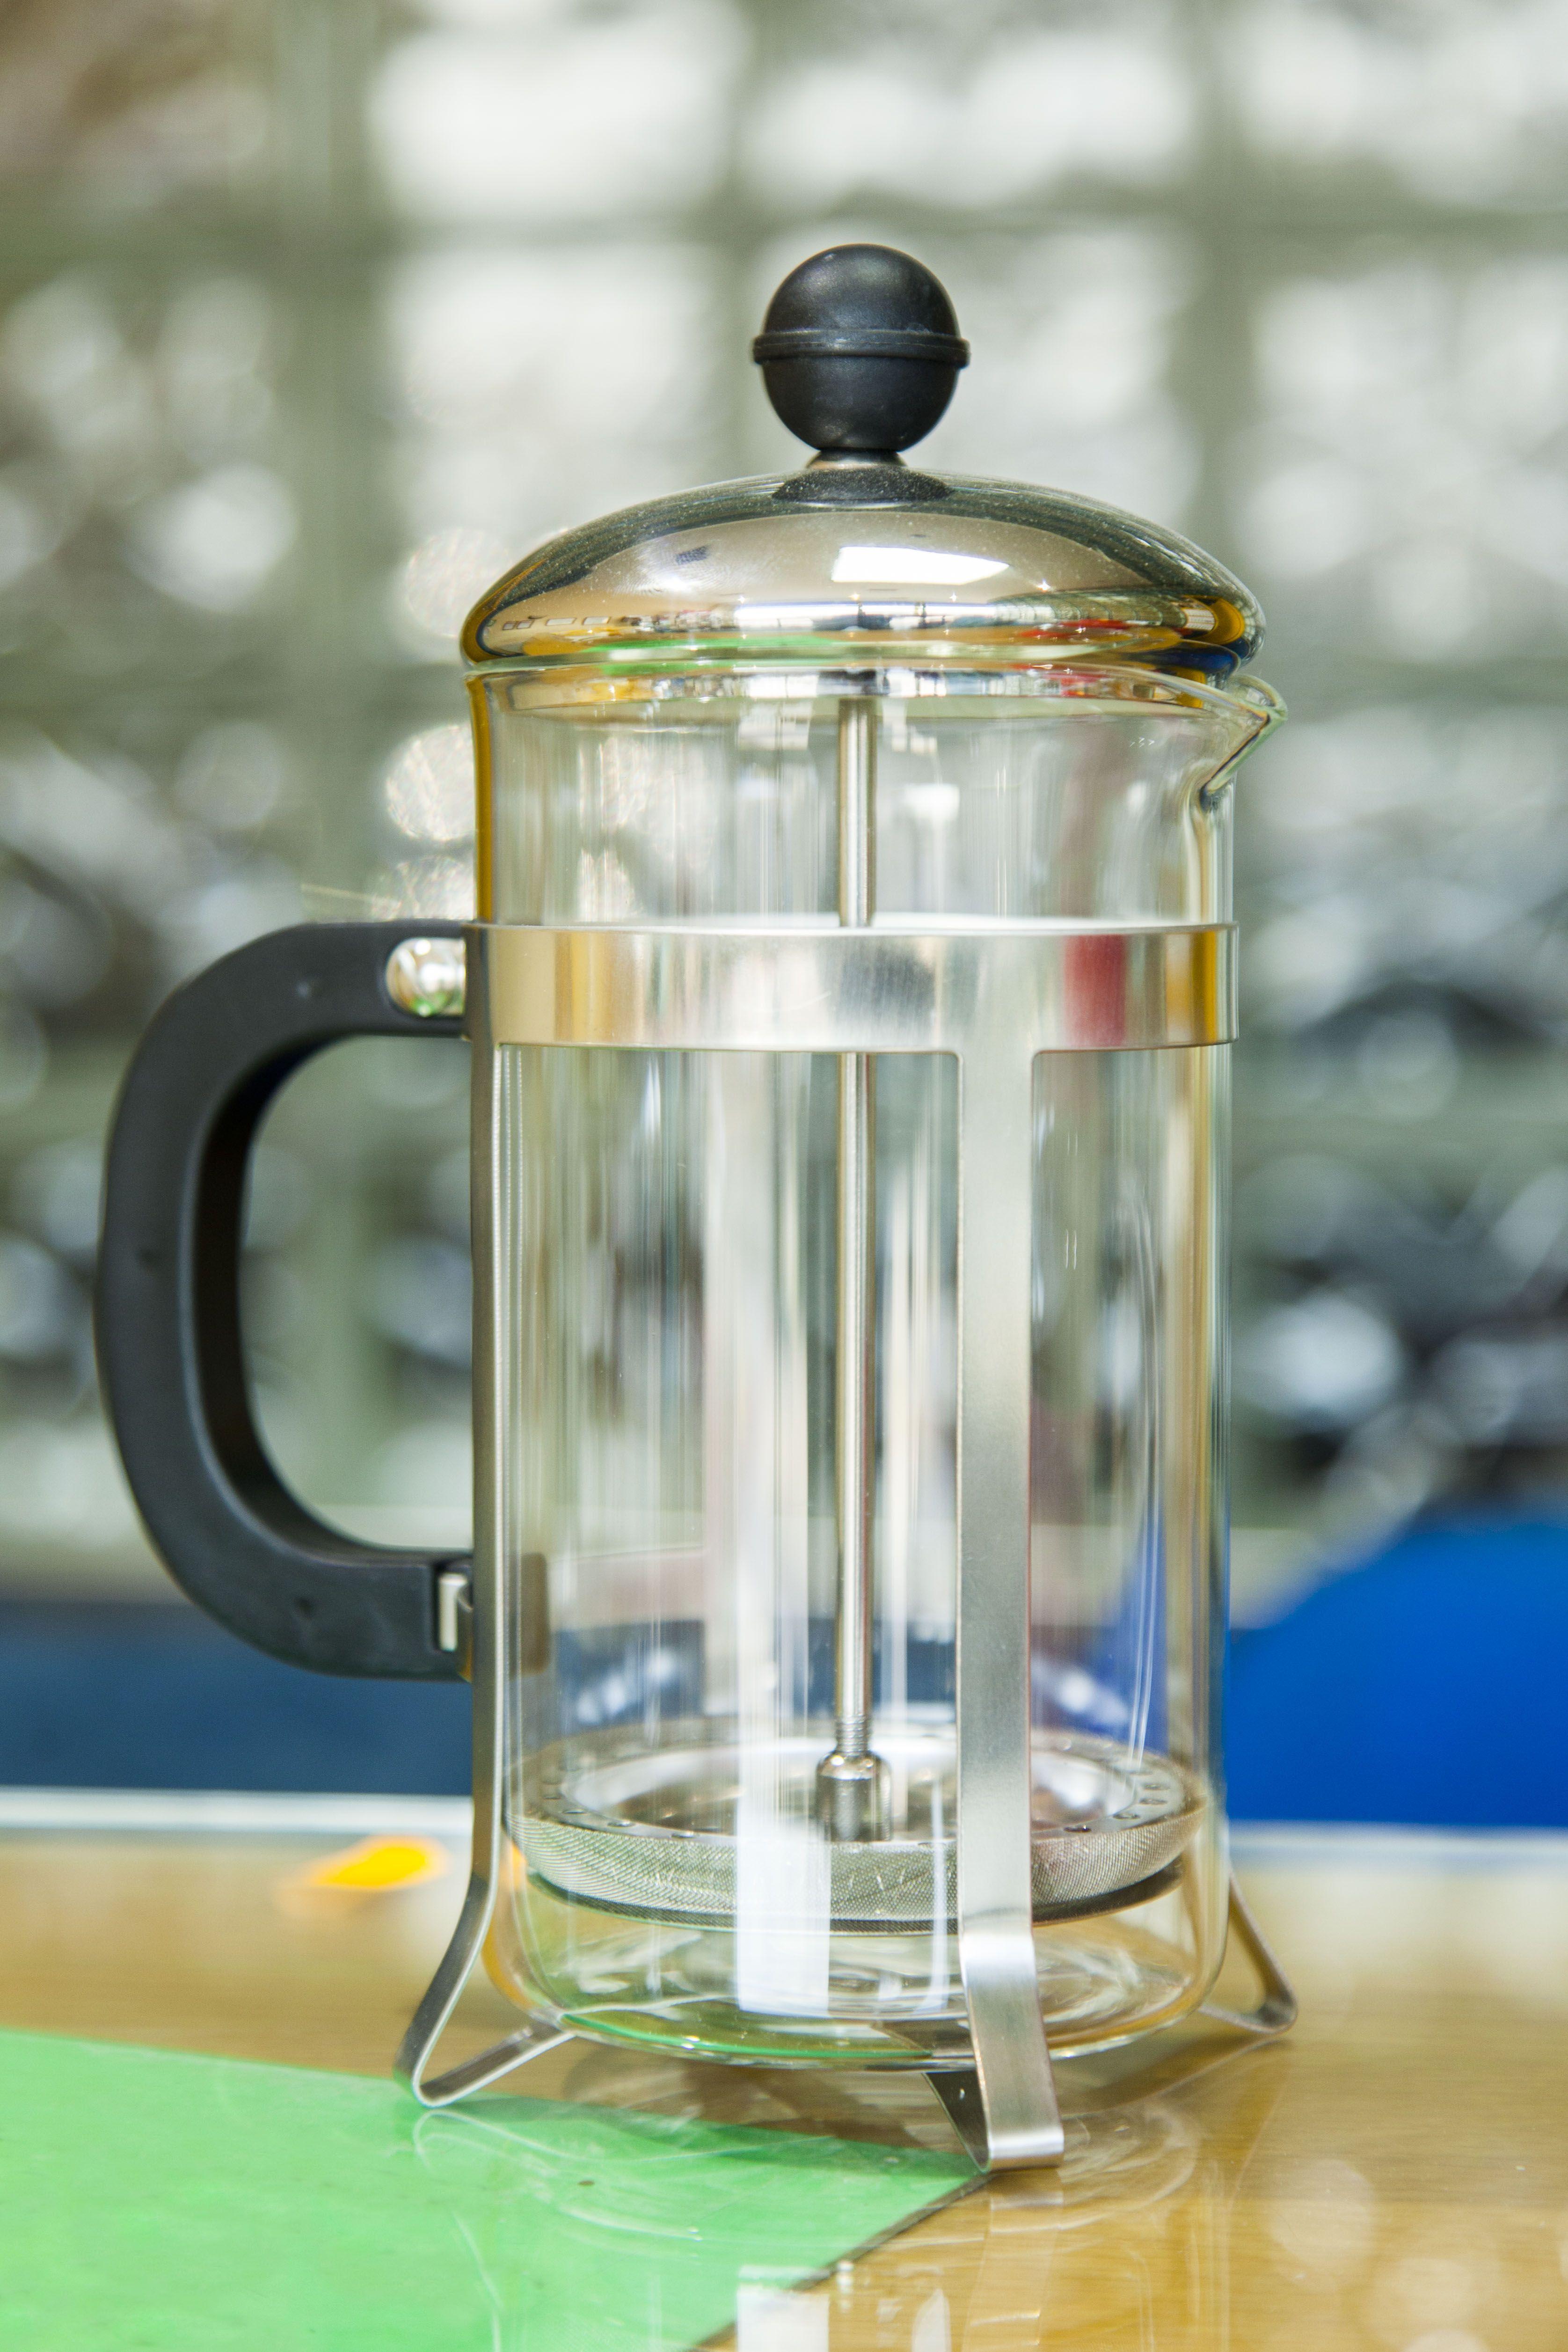 Cafetera clásica de cristal y acero